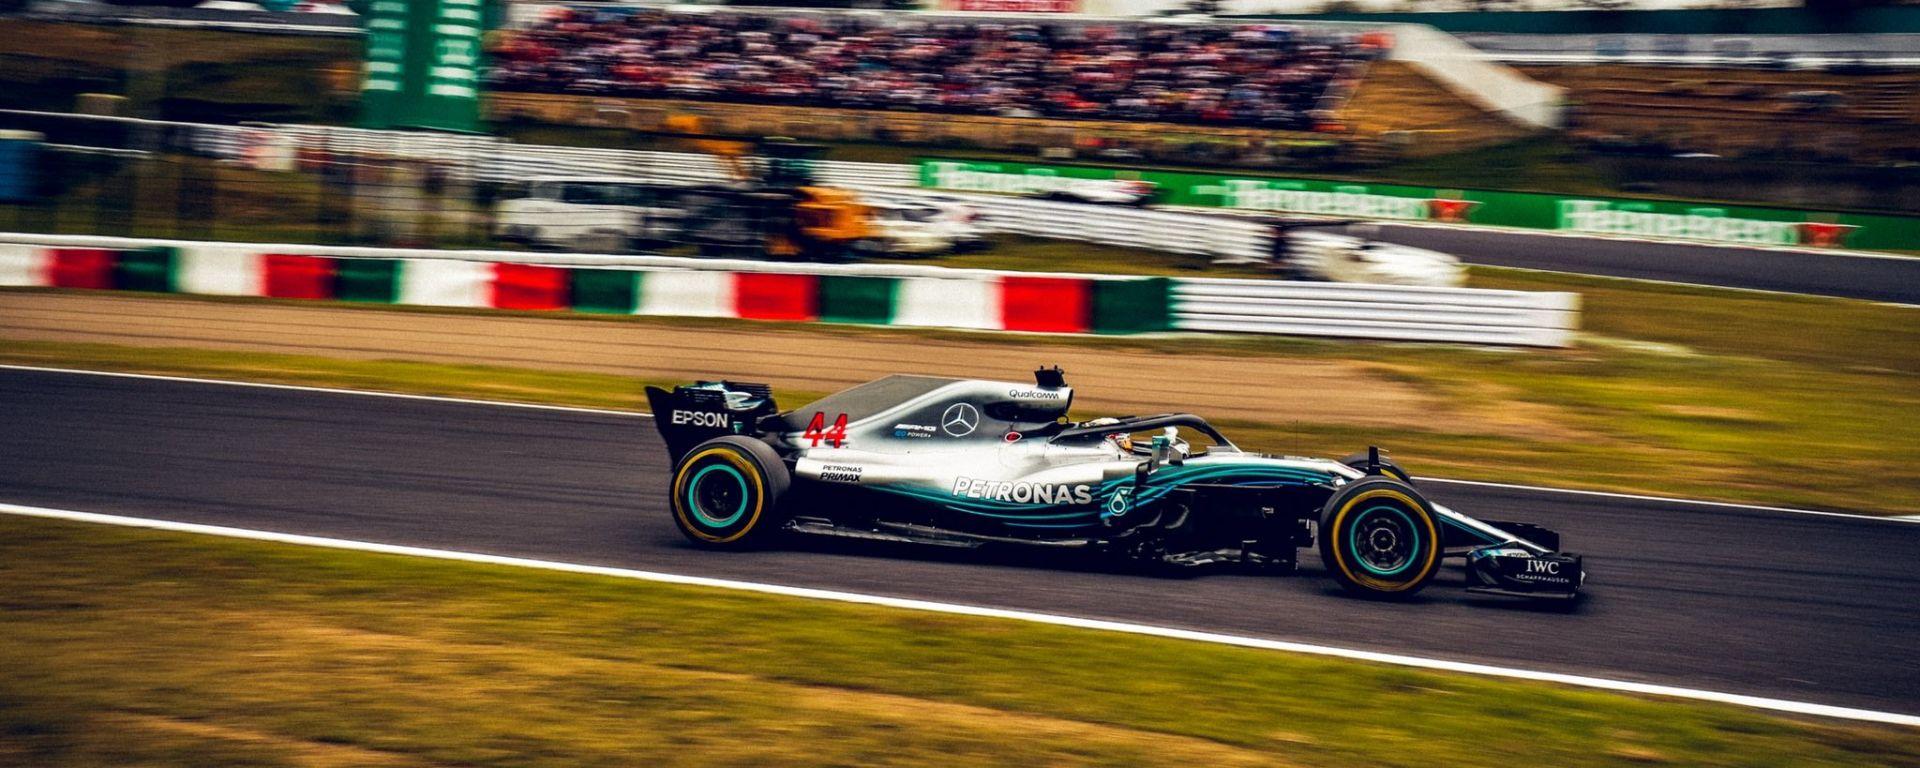 GP Giappone 2018, Qualifiche Suzuka, Lewis Hamilton in azione con la sua Mercedes